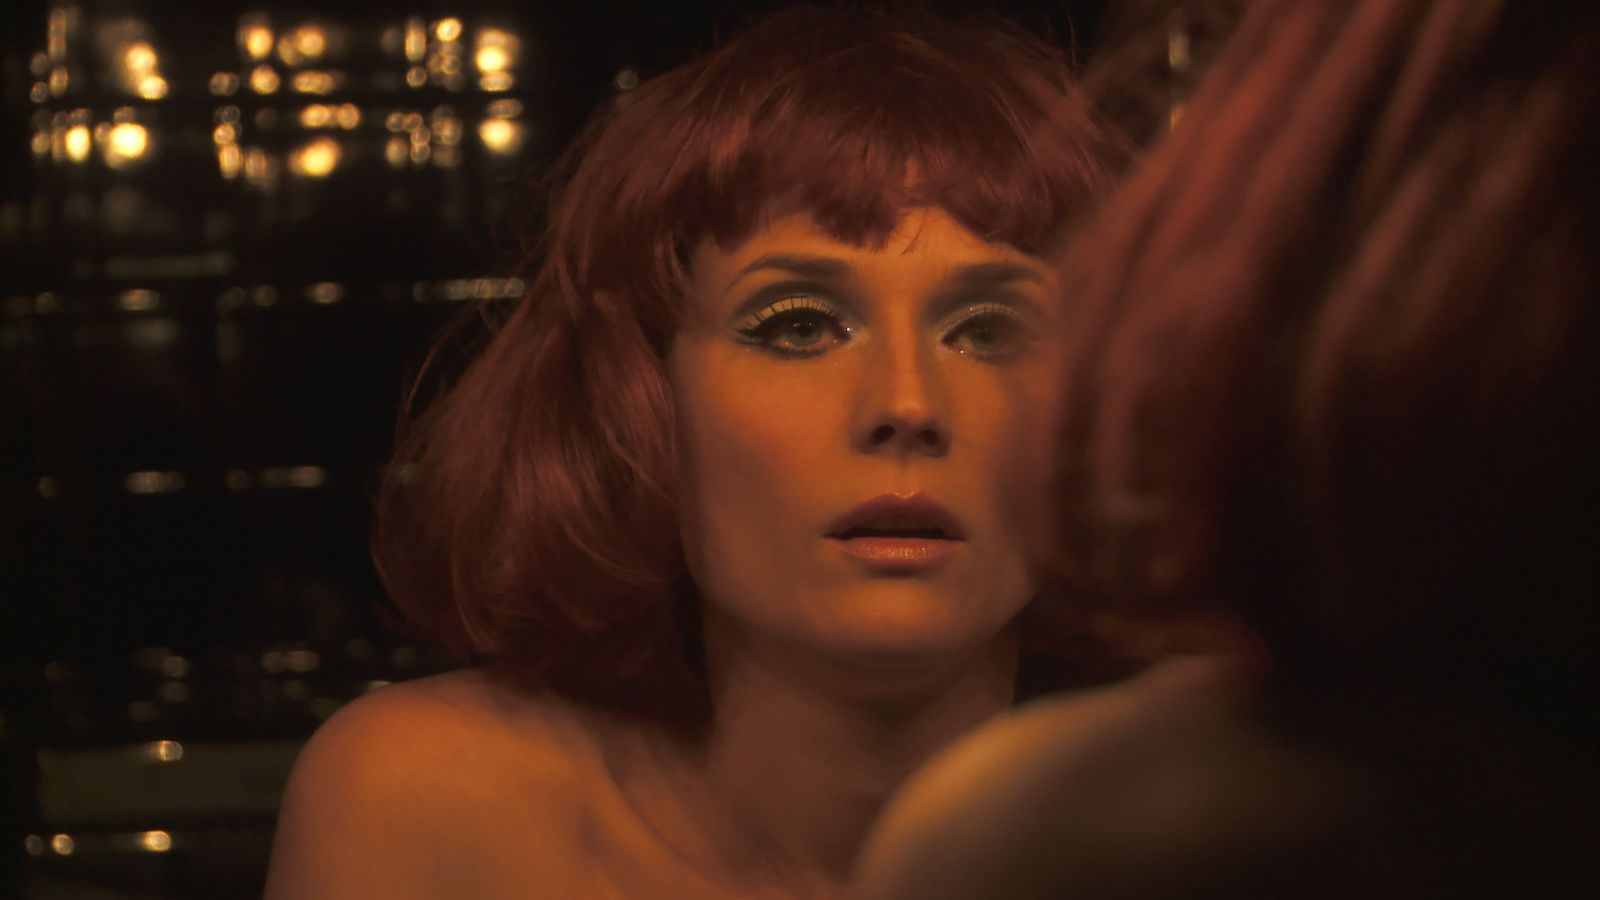 SKY (BANDE ANNONCE VOST) avec Diane Kruger, Norman Reedus, Gilles Lellouche - Le 6 avril 2016 au cinéma